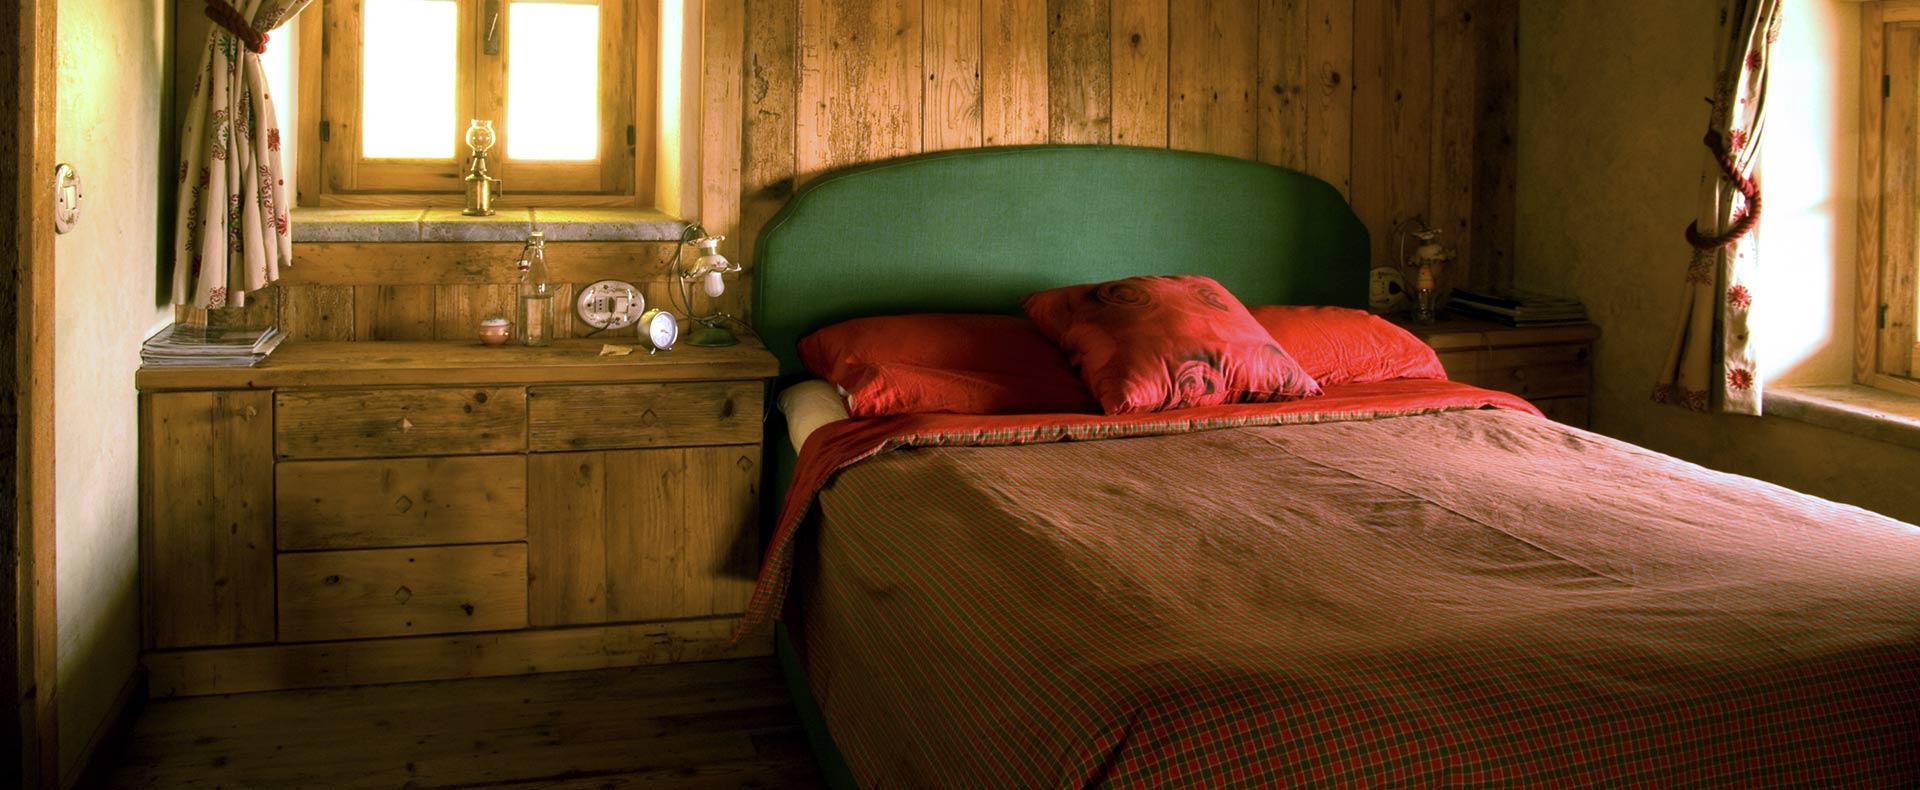 Arredamento camera da letto in legno sergio lazzaroni for Piani appartamento 1 camera da letto